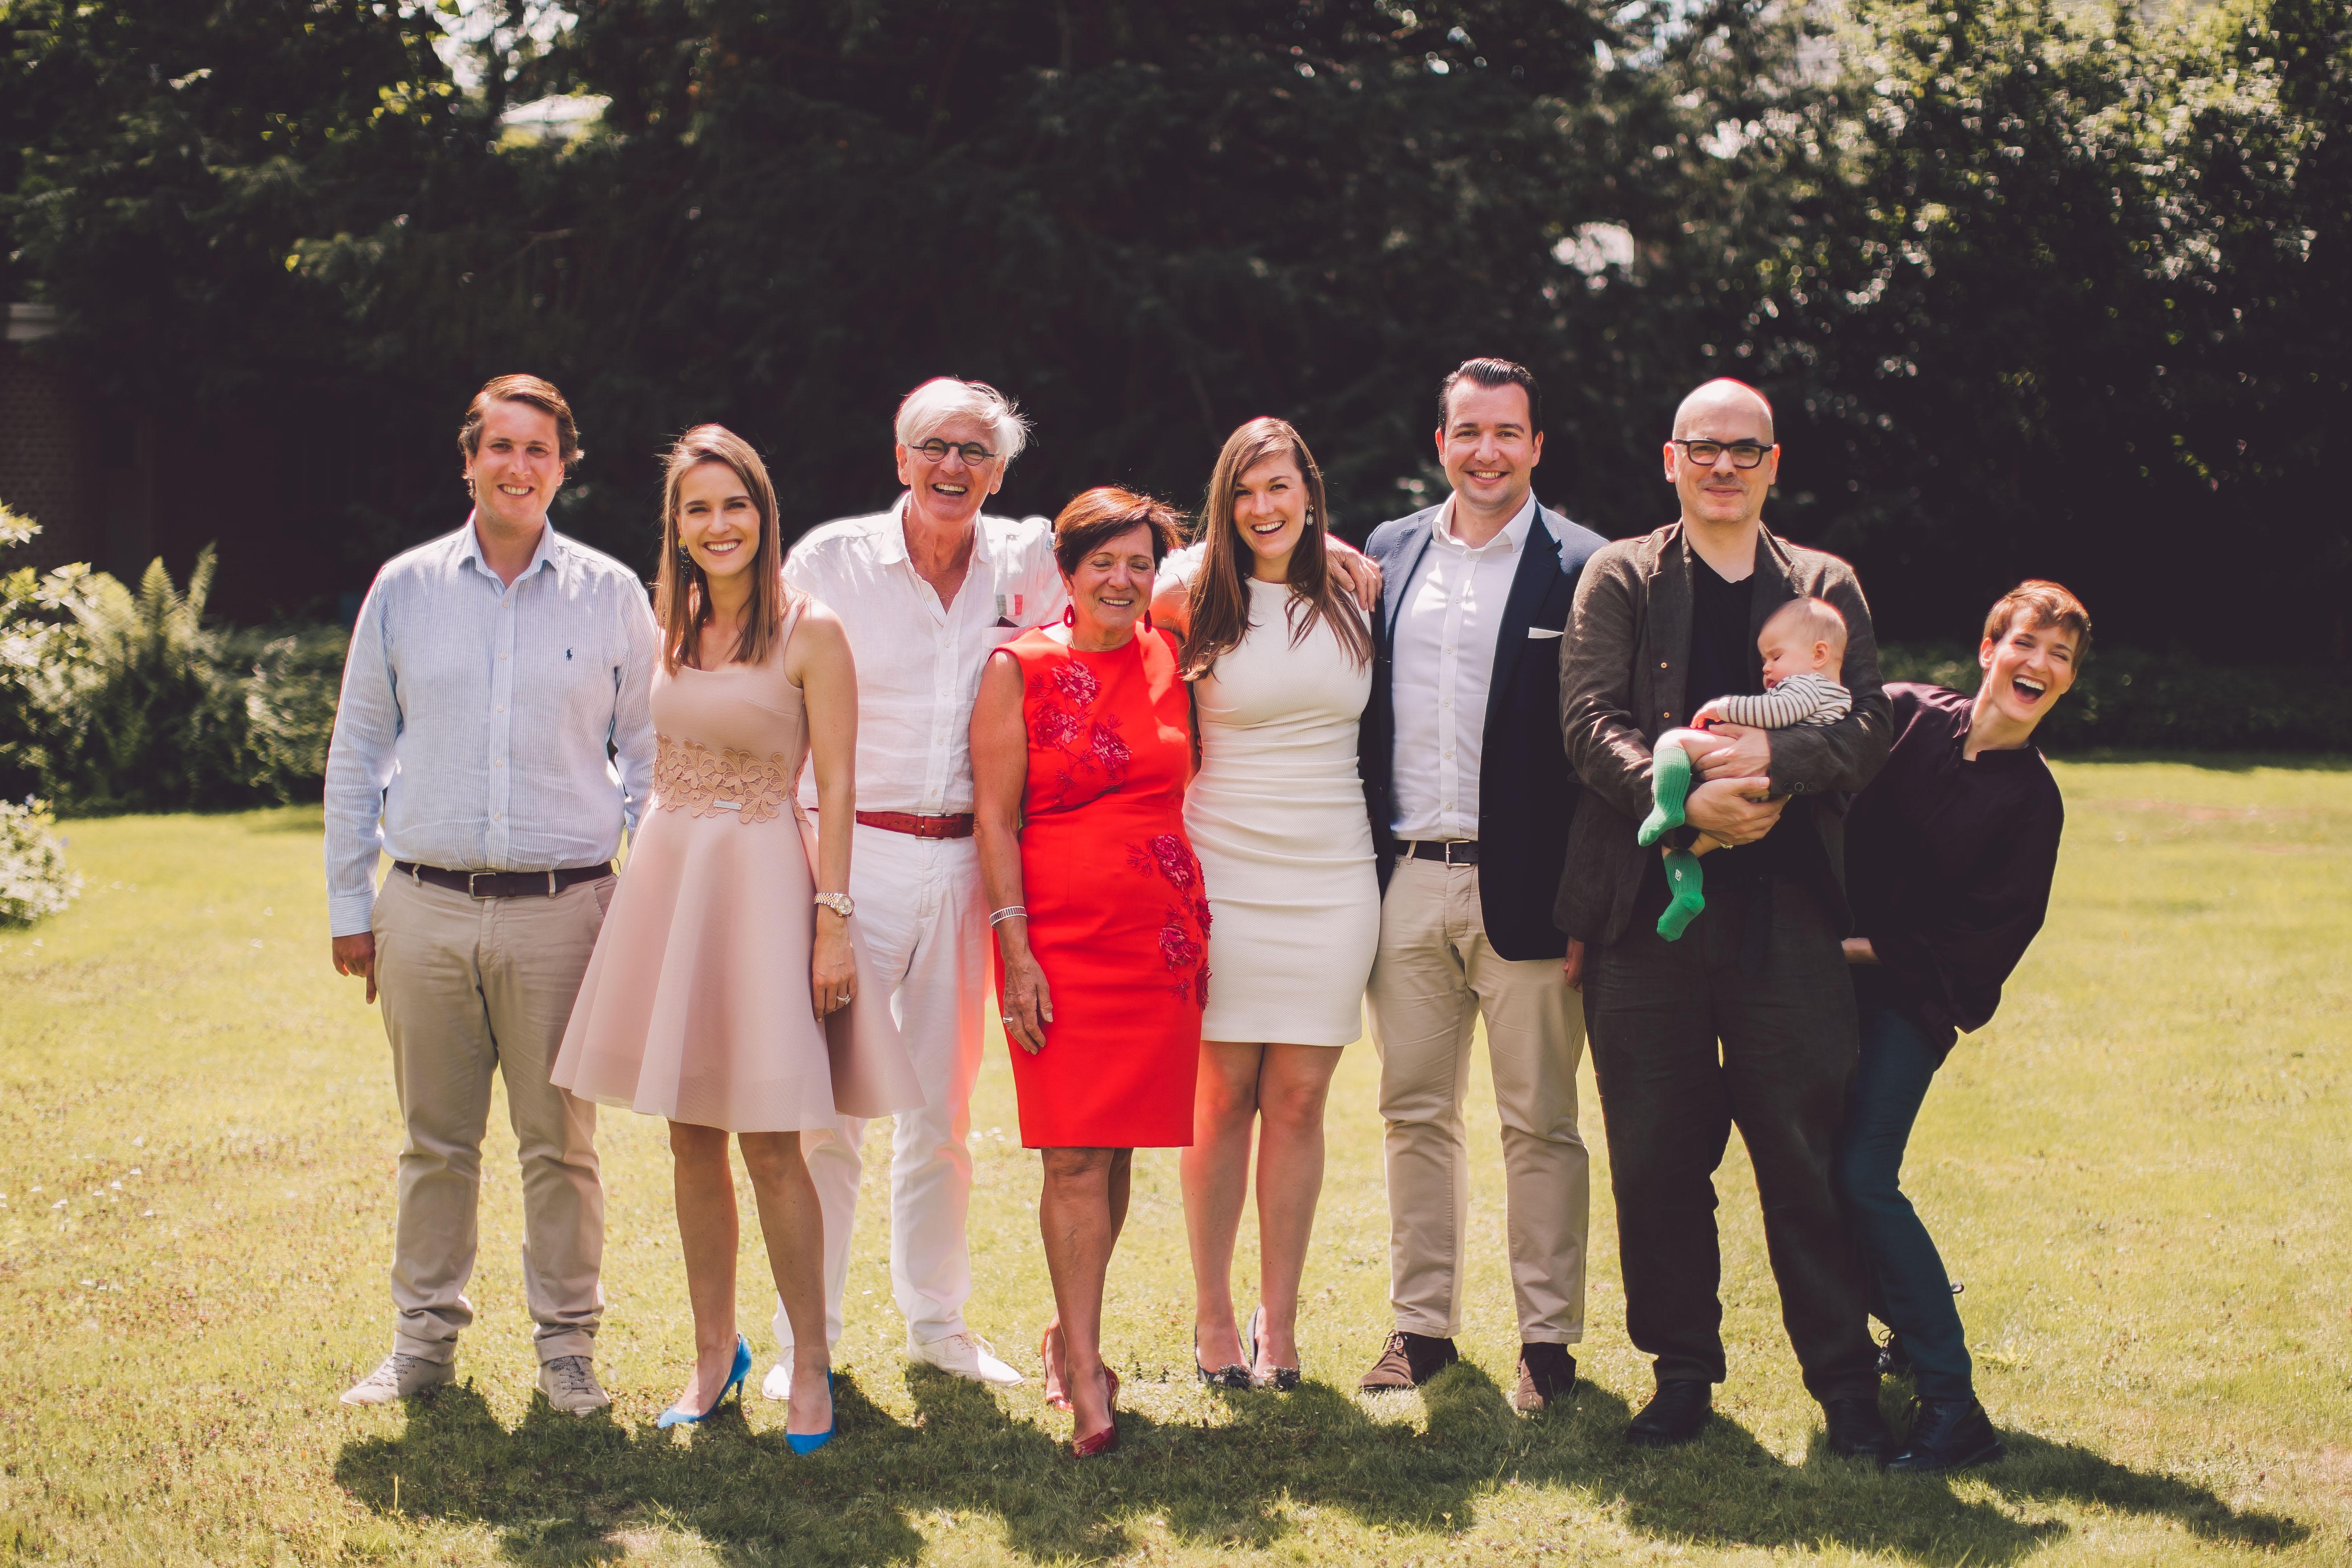 FAMILIE MOENS-8792